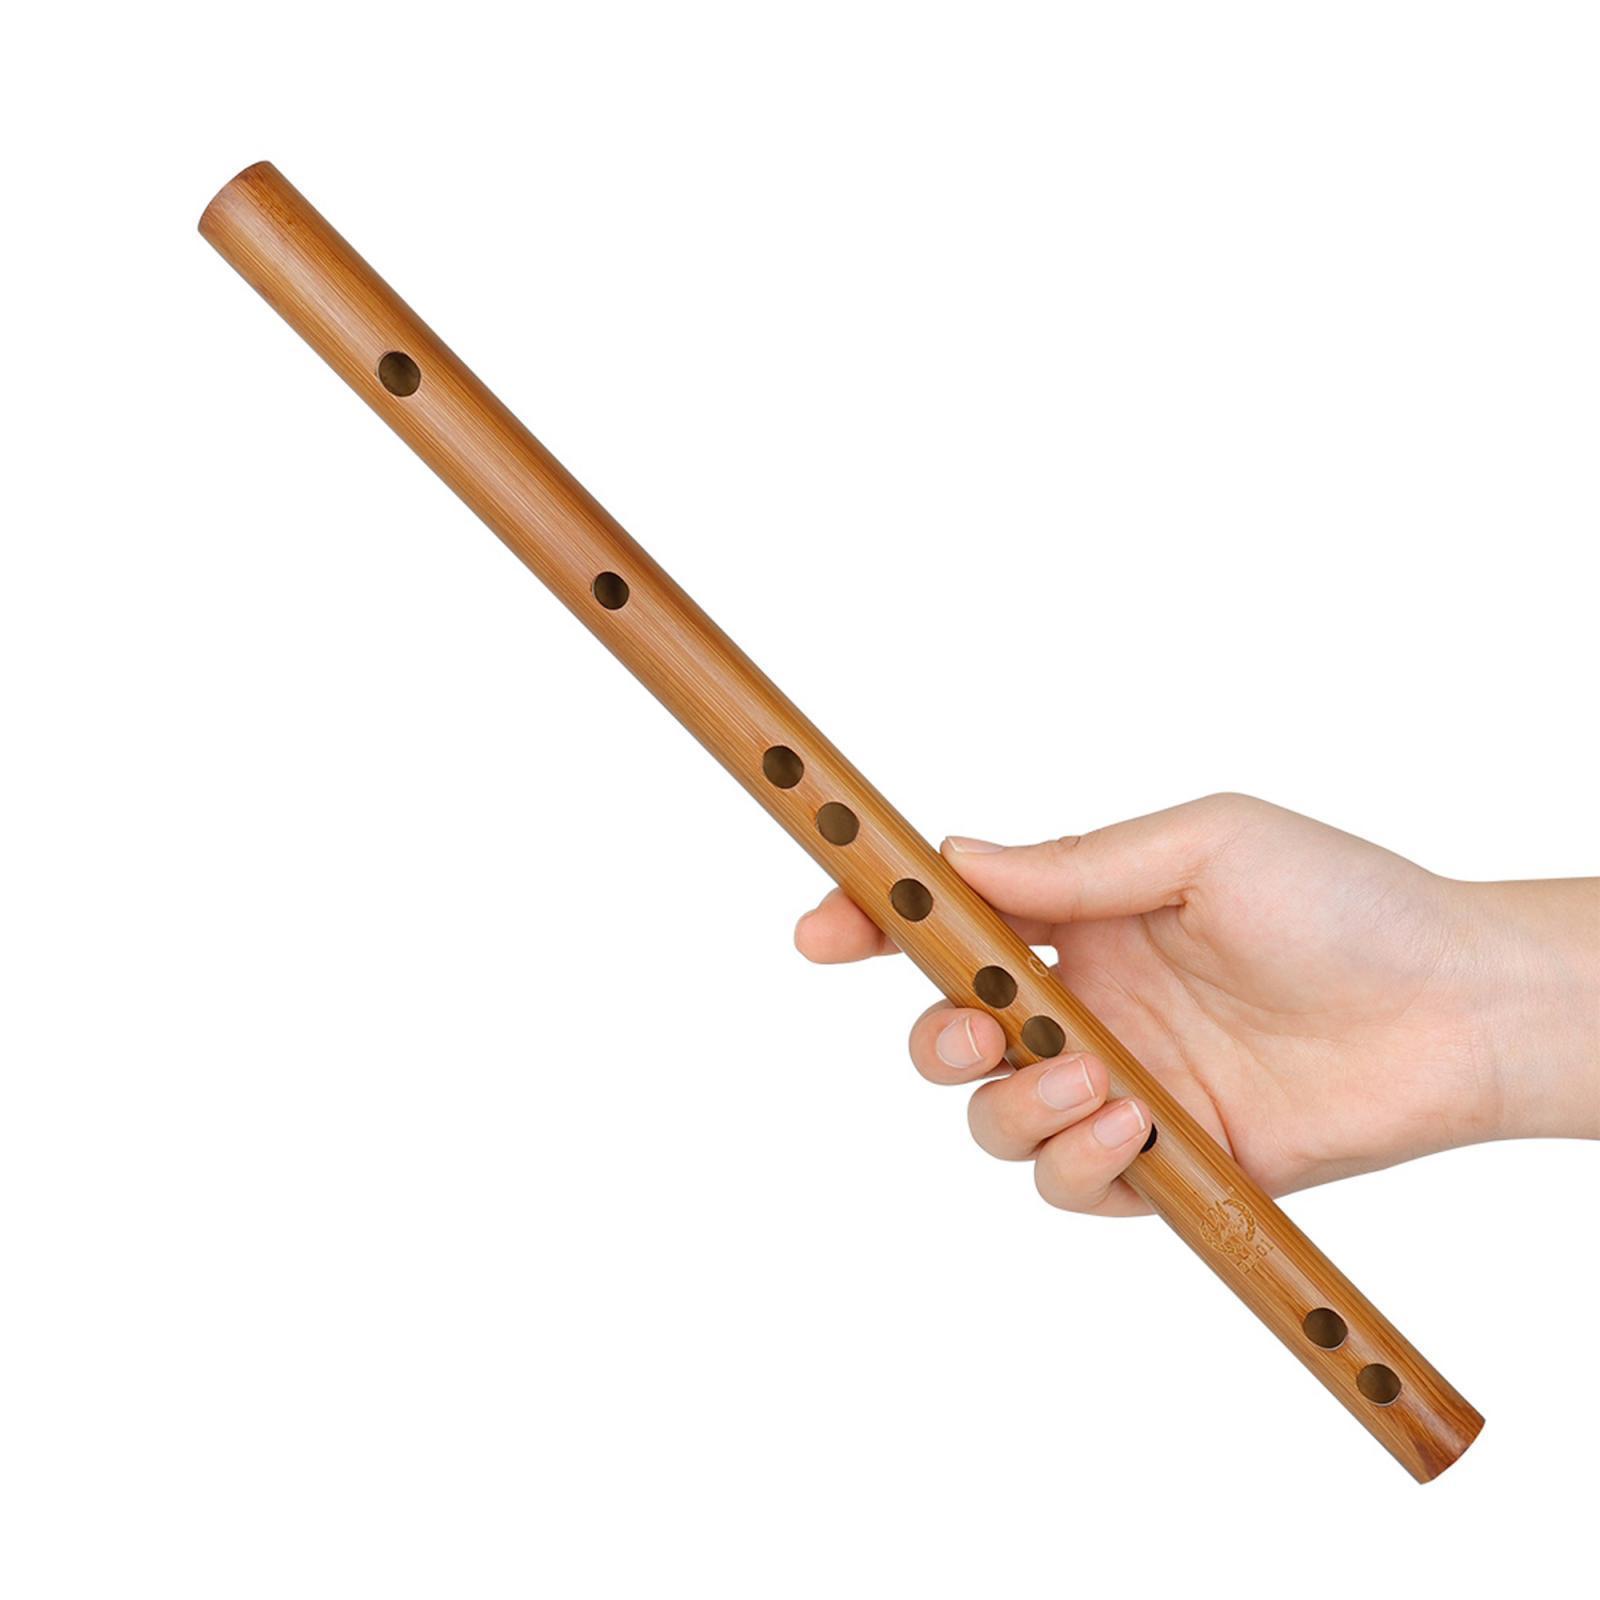 miniatura 56 - Unico-Indiano-di-Legno-Flauto-Strumento-Musicale-Registratore-Bansuri-Regalo